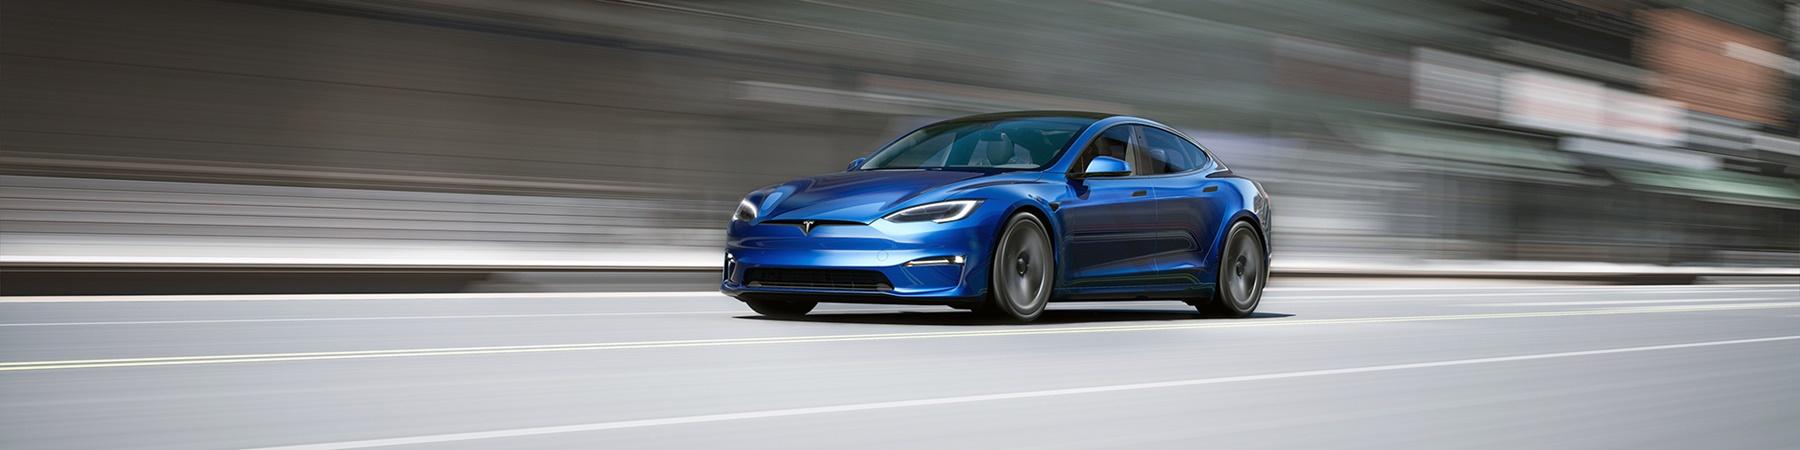 Tesla Model S 90kWh 564 km actieradius